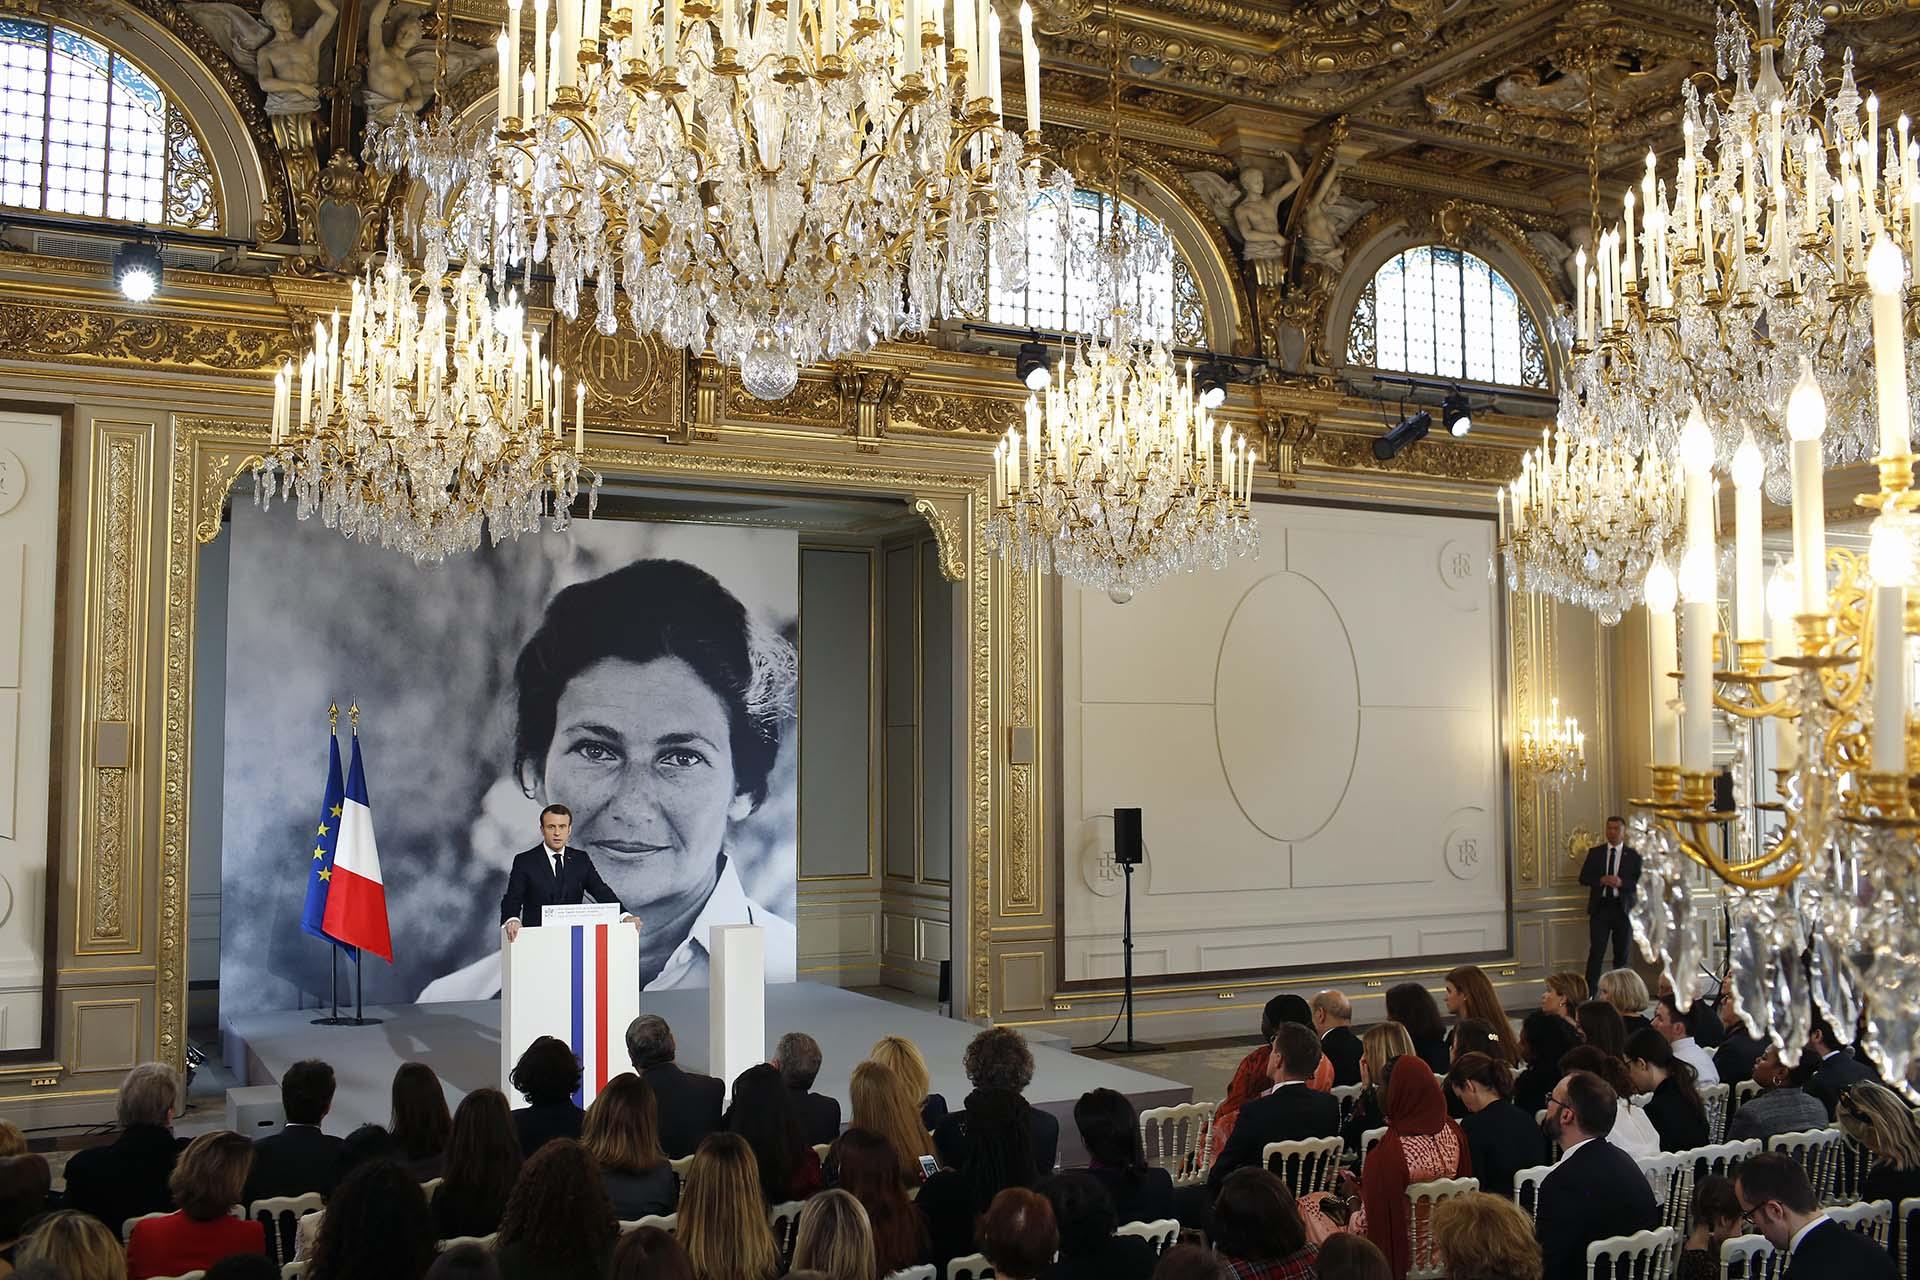 El presidente francés Emmanuel Macron dió un discurso durante la presentación del premio Simone Veil (Photo by Thibault Camus / POOL / AFP)